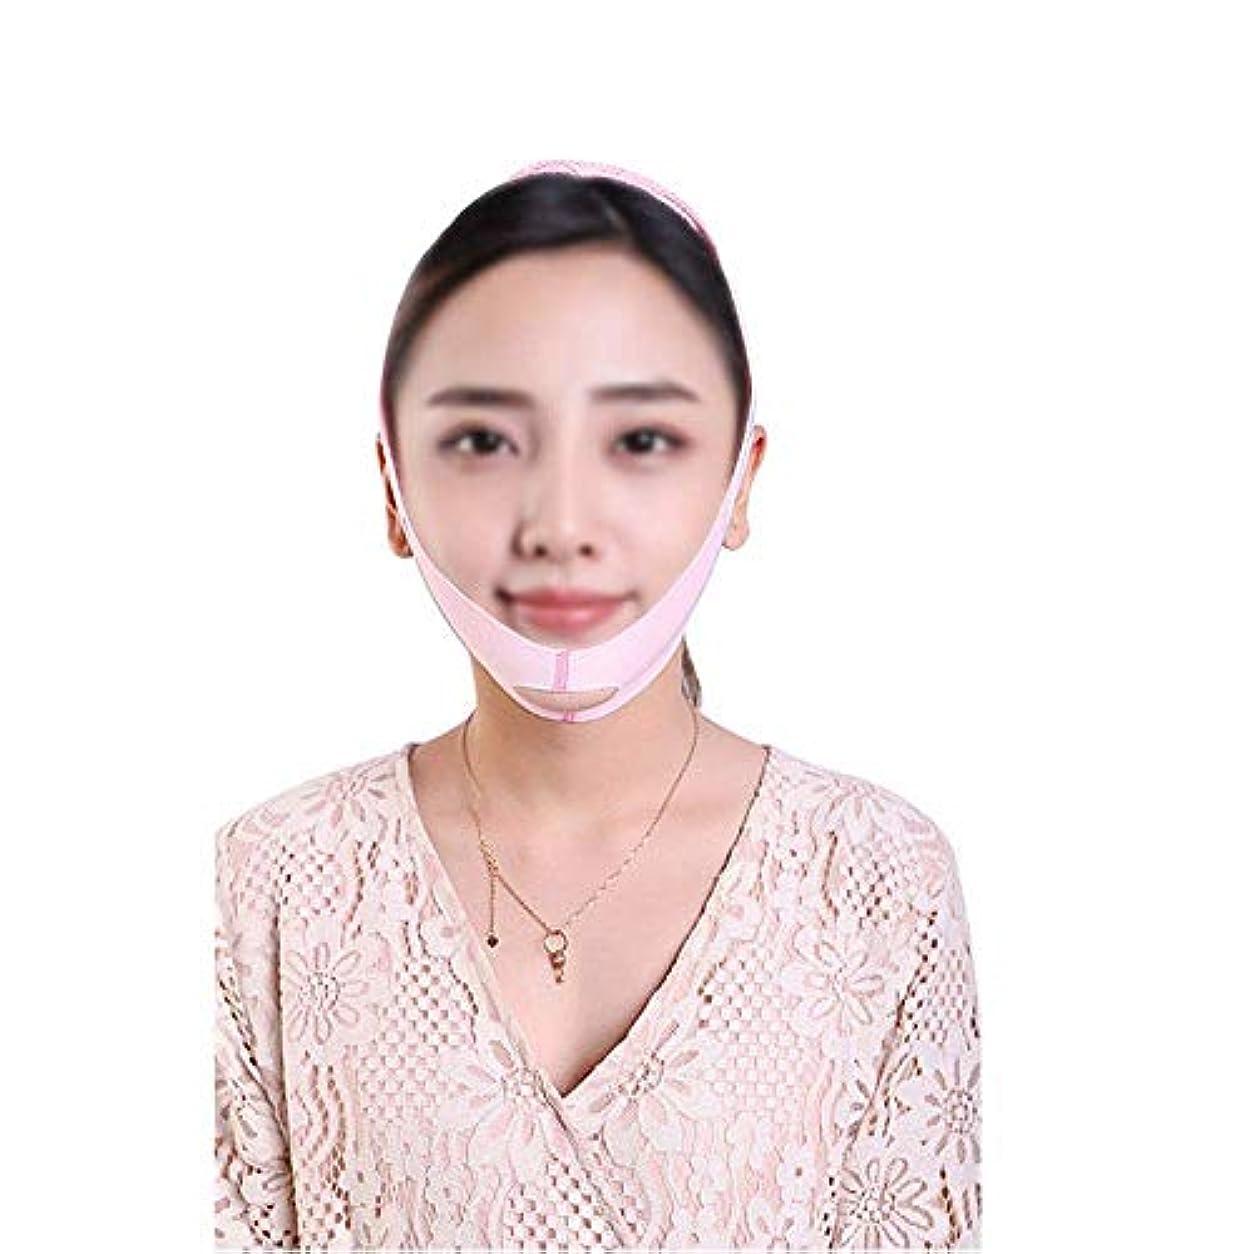 変動する防水比喩フェイスリフティングマスク、引き締めおよびリフティングアンチフェイスドループアーティファクトスモールVフェイスバンデージマスク